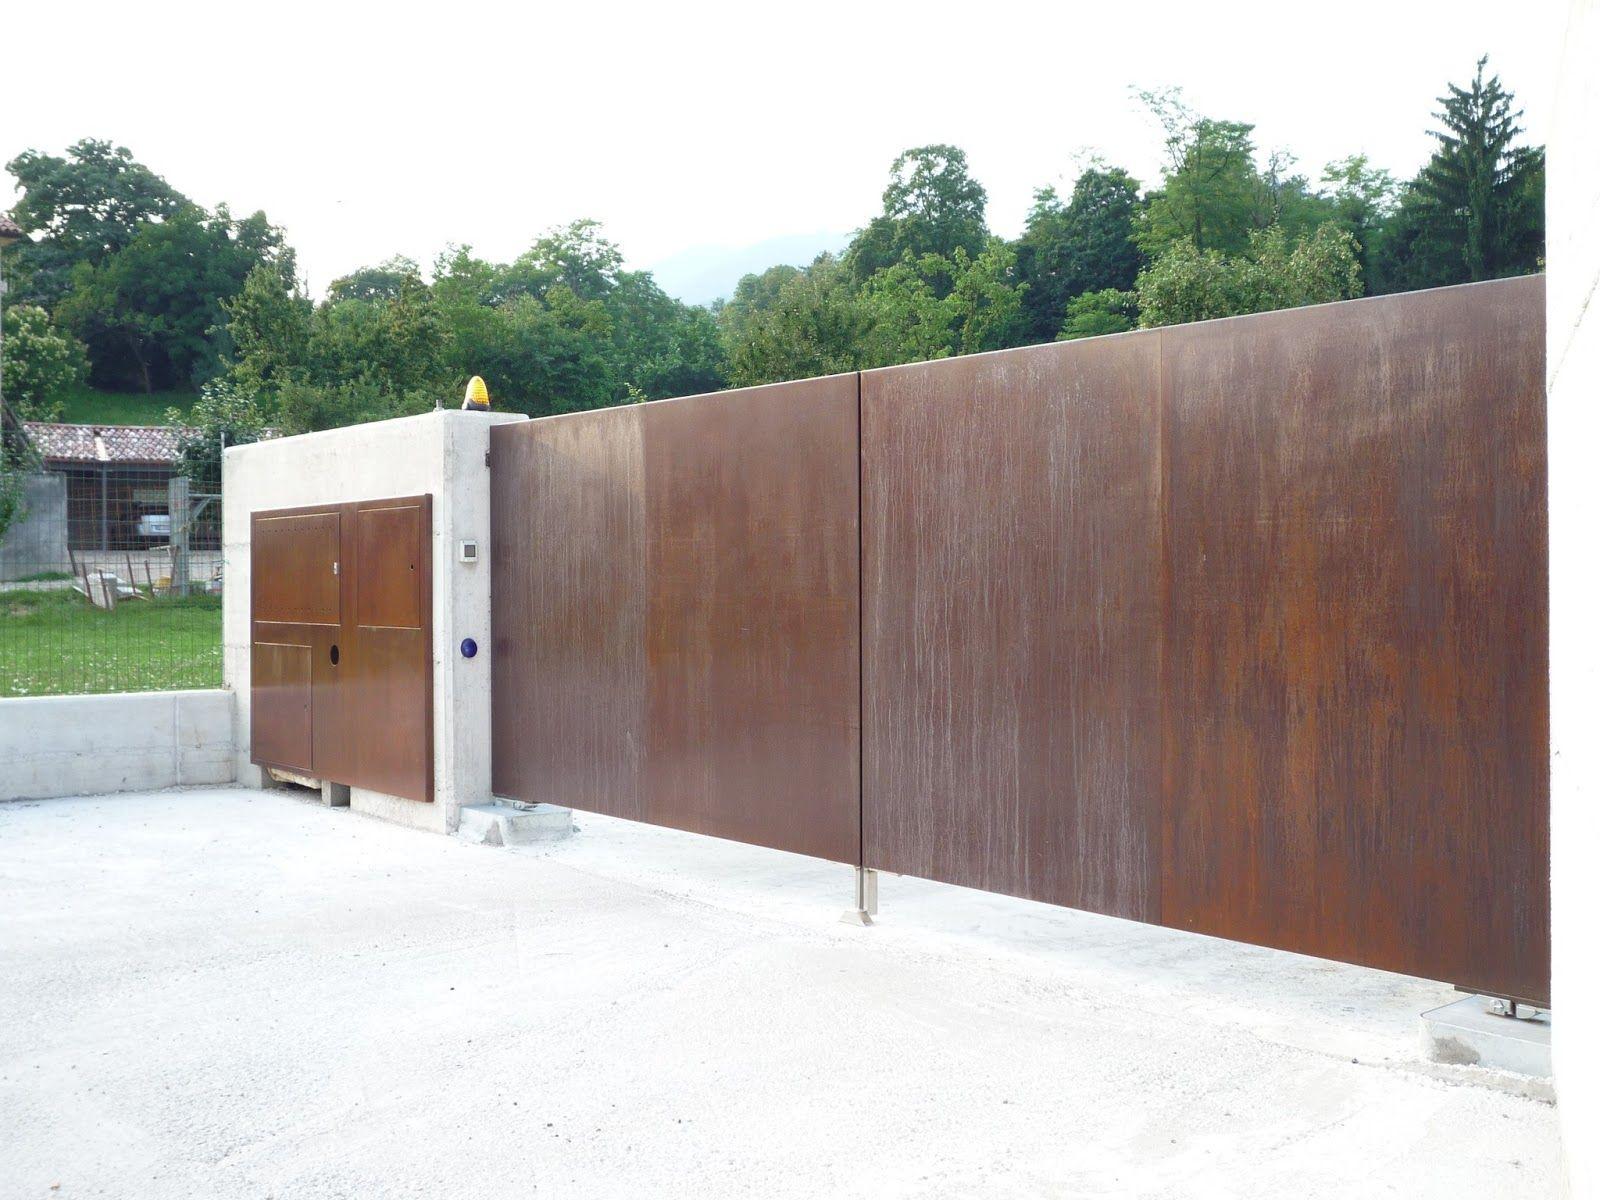 Cancello Esterno Moderno : Cancelli da esterno cancelli moderni cancelli scorrevoli cancelli